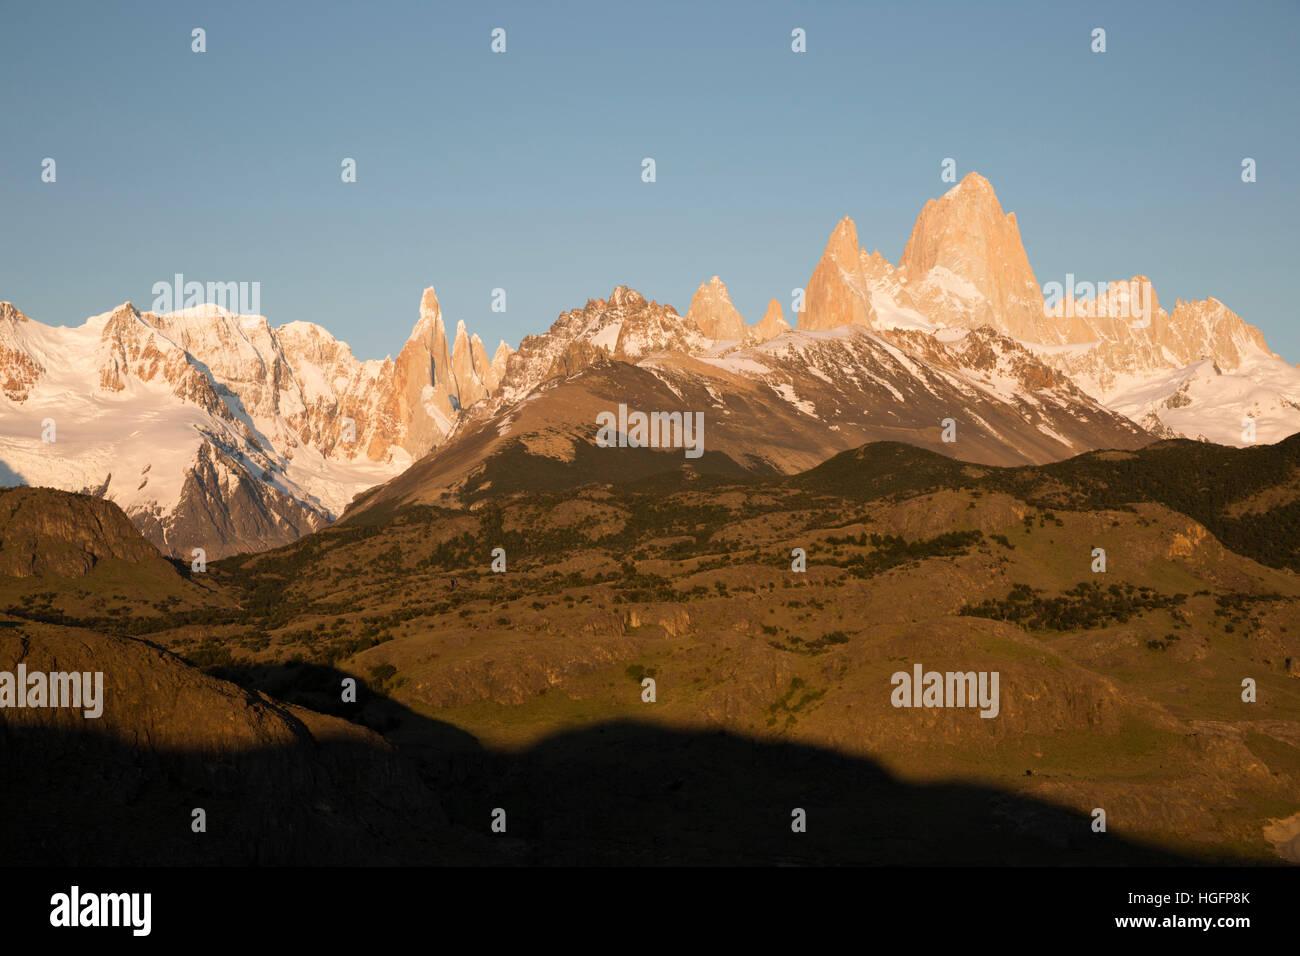 Vista del Monte Fitz Roy y el Cerro Torre al amanecer desde el Mirador de los cóndores, El Chalten, Patagonia Imagen De Stock